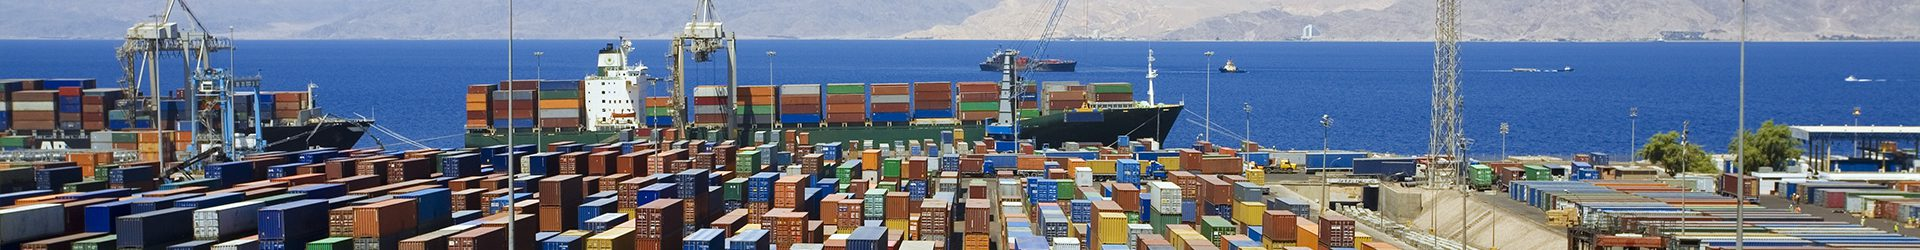 Transporter und Container